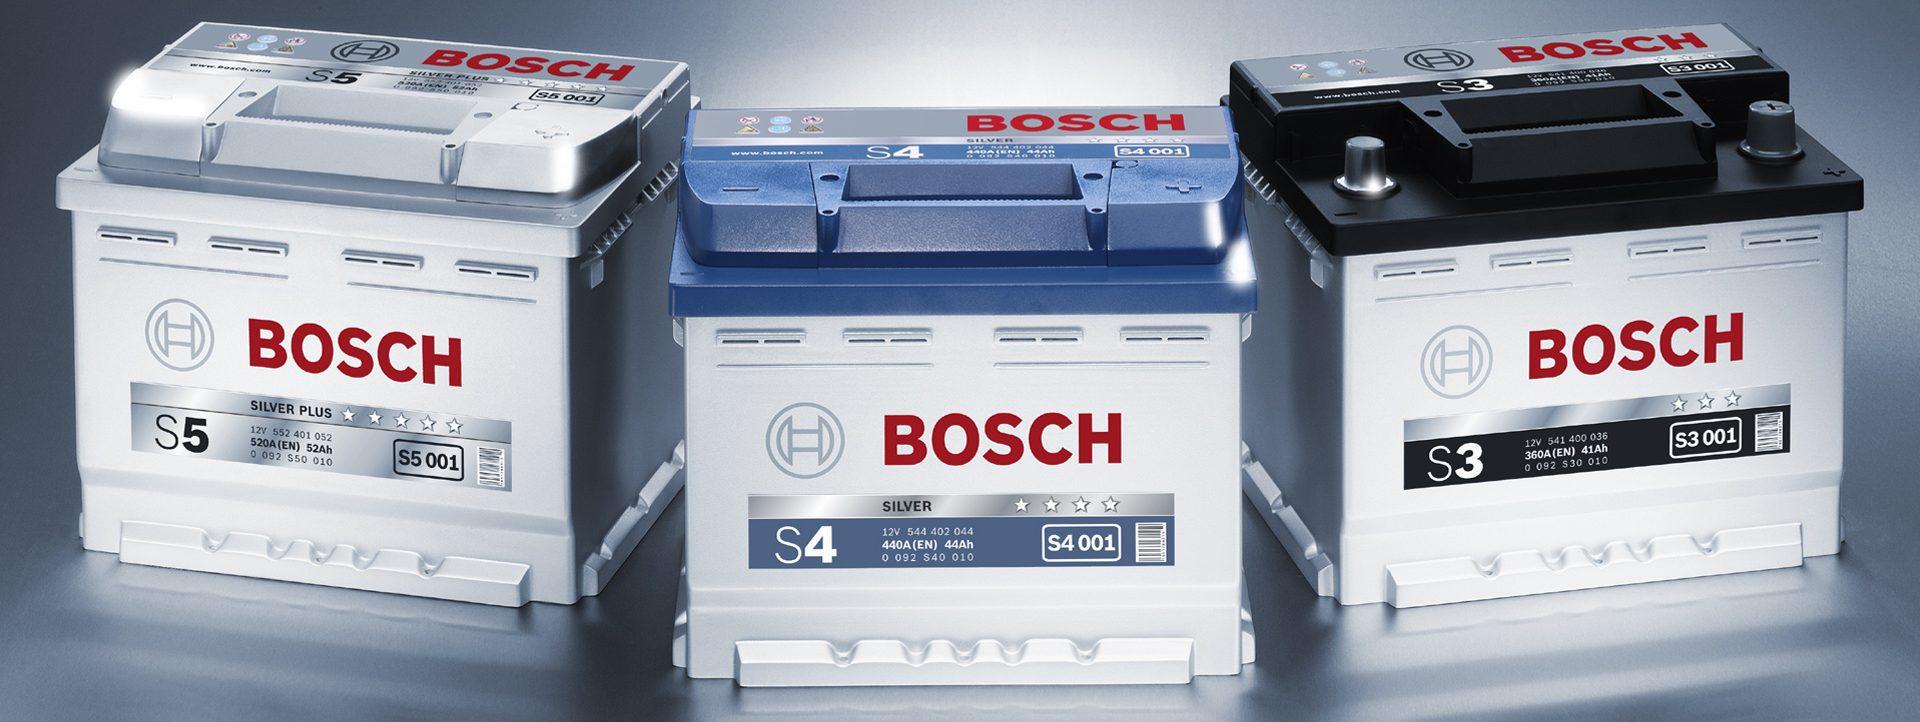 Купить аккумуляторы BOSCH в Волгограде